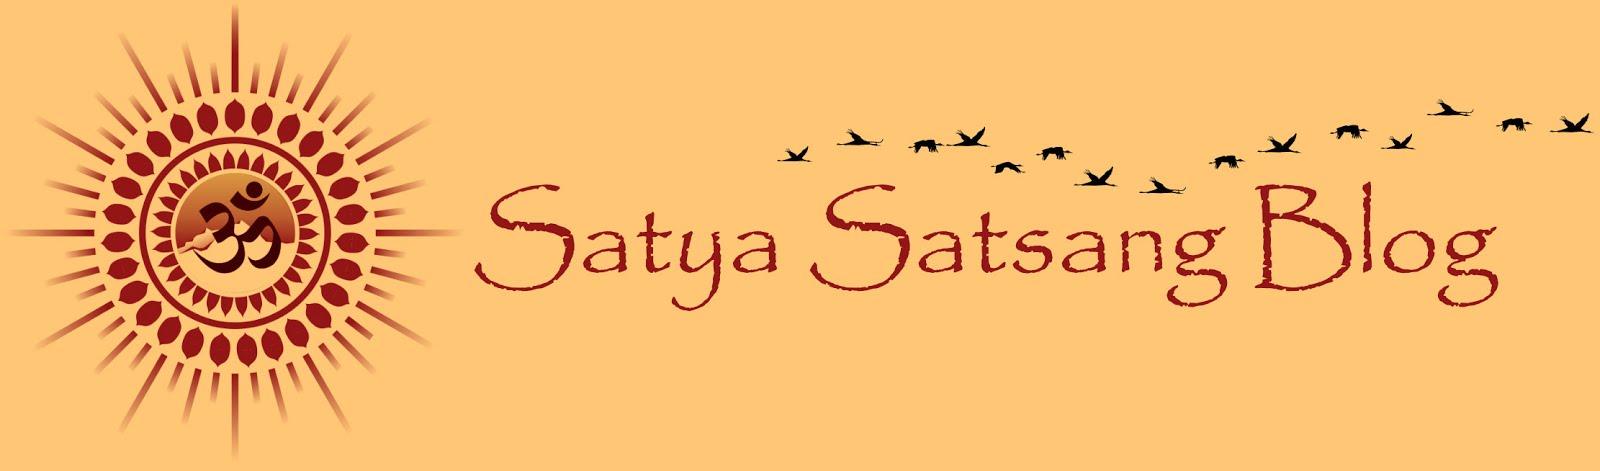 Satyasatsang blog